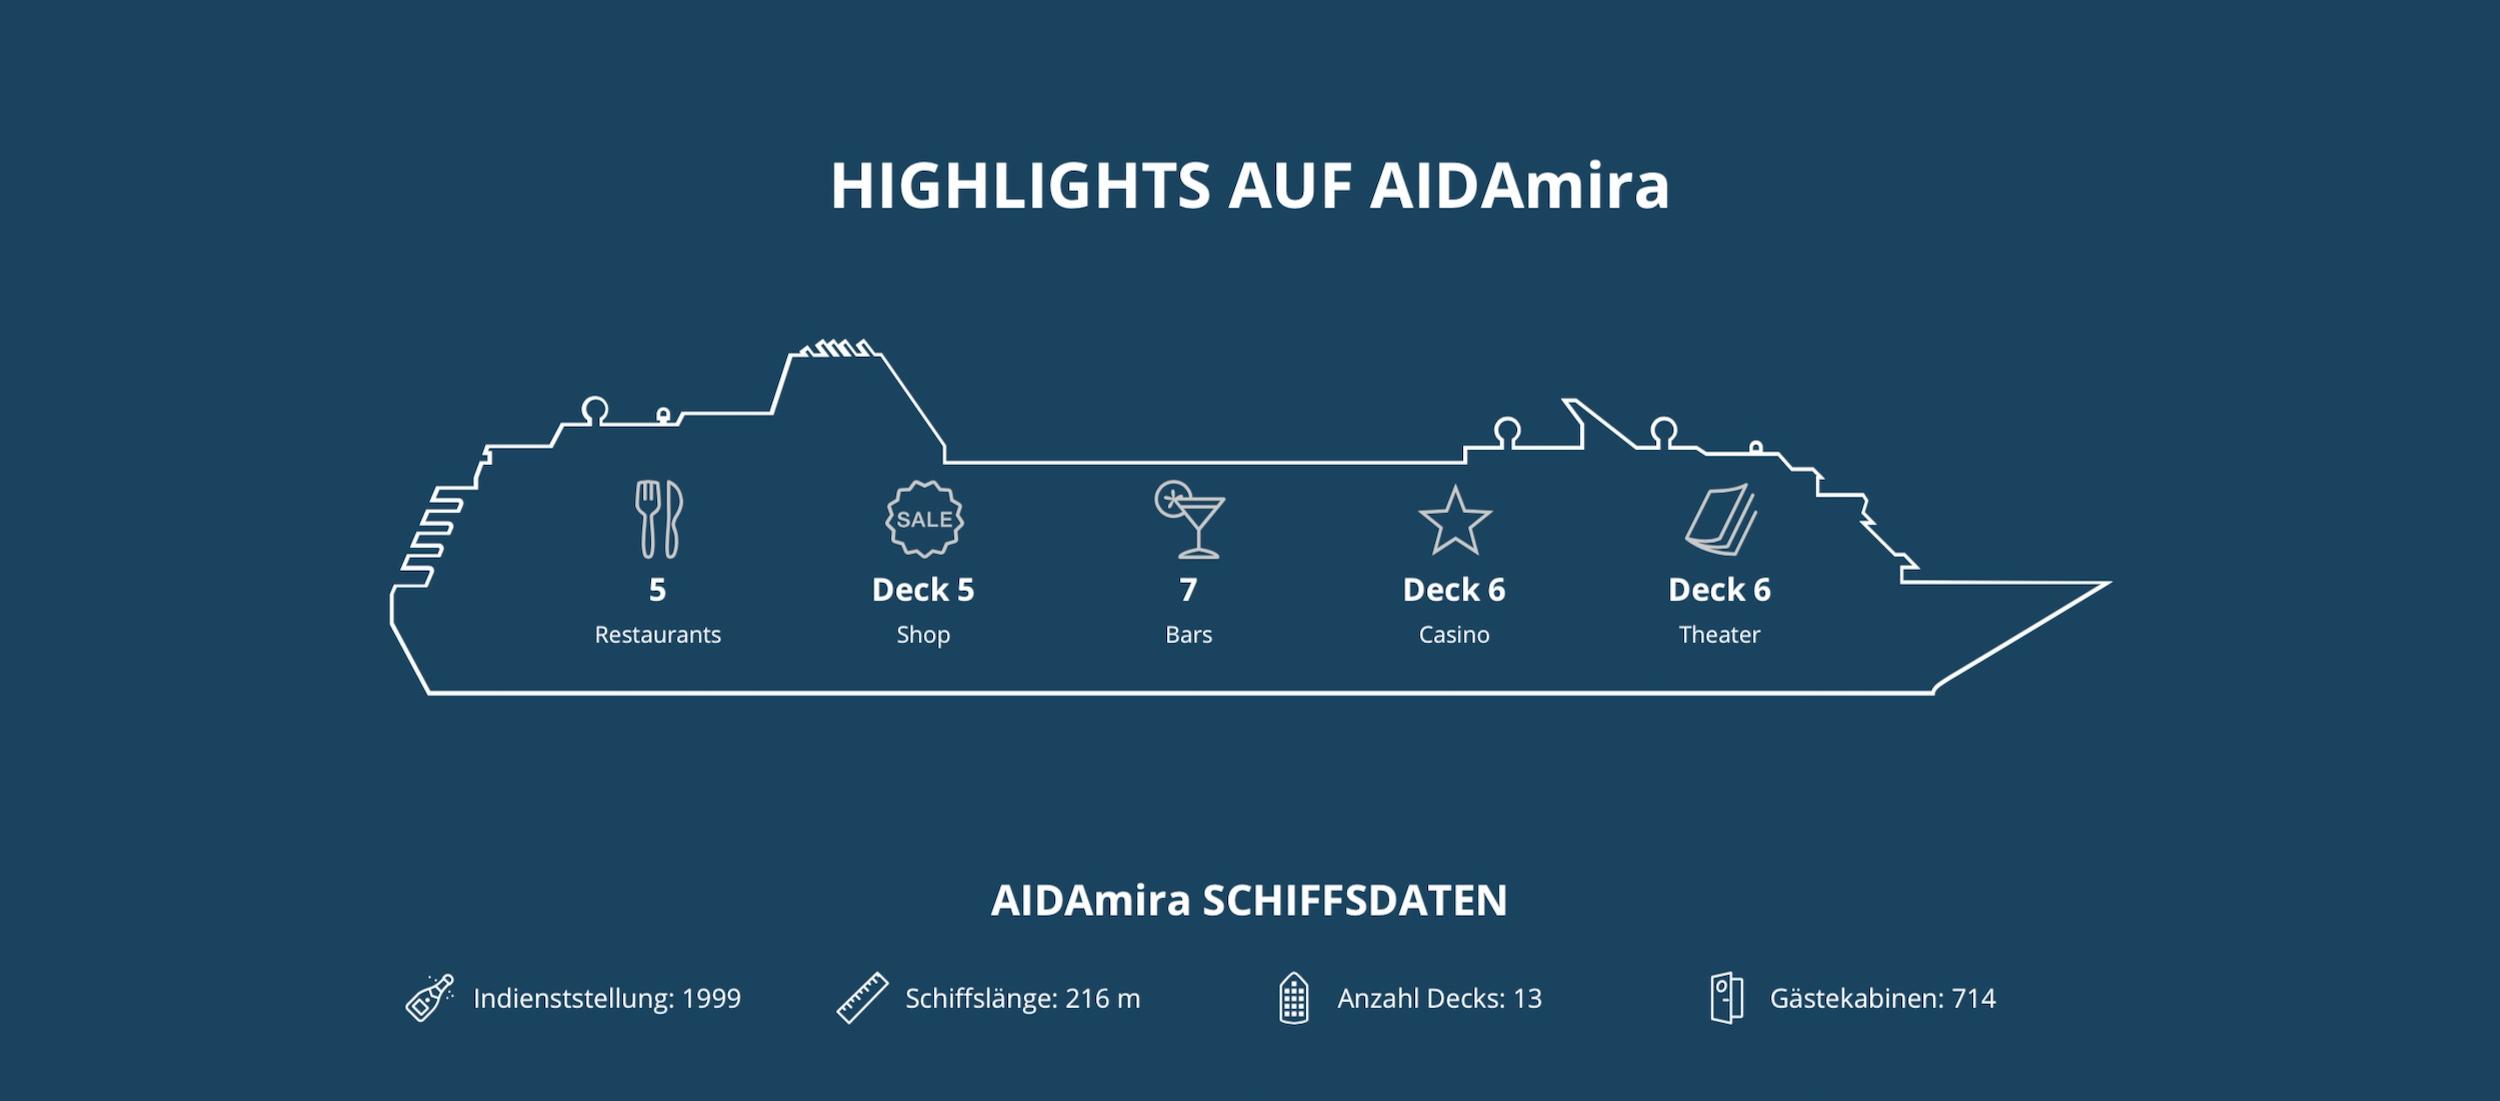 aida-cruises-ships-aidamira-daten